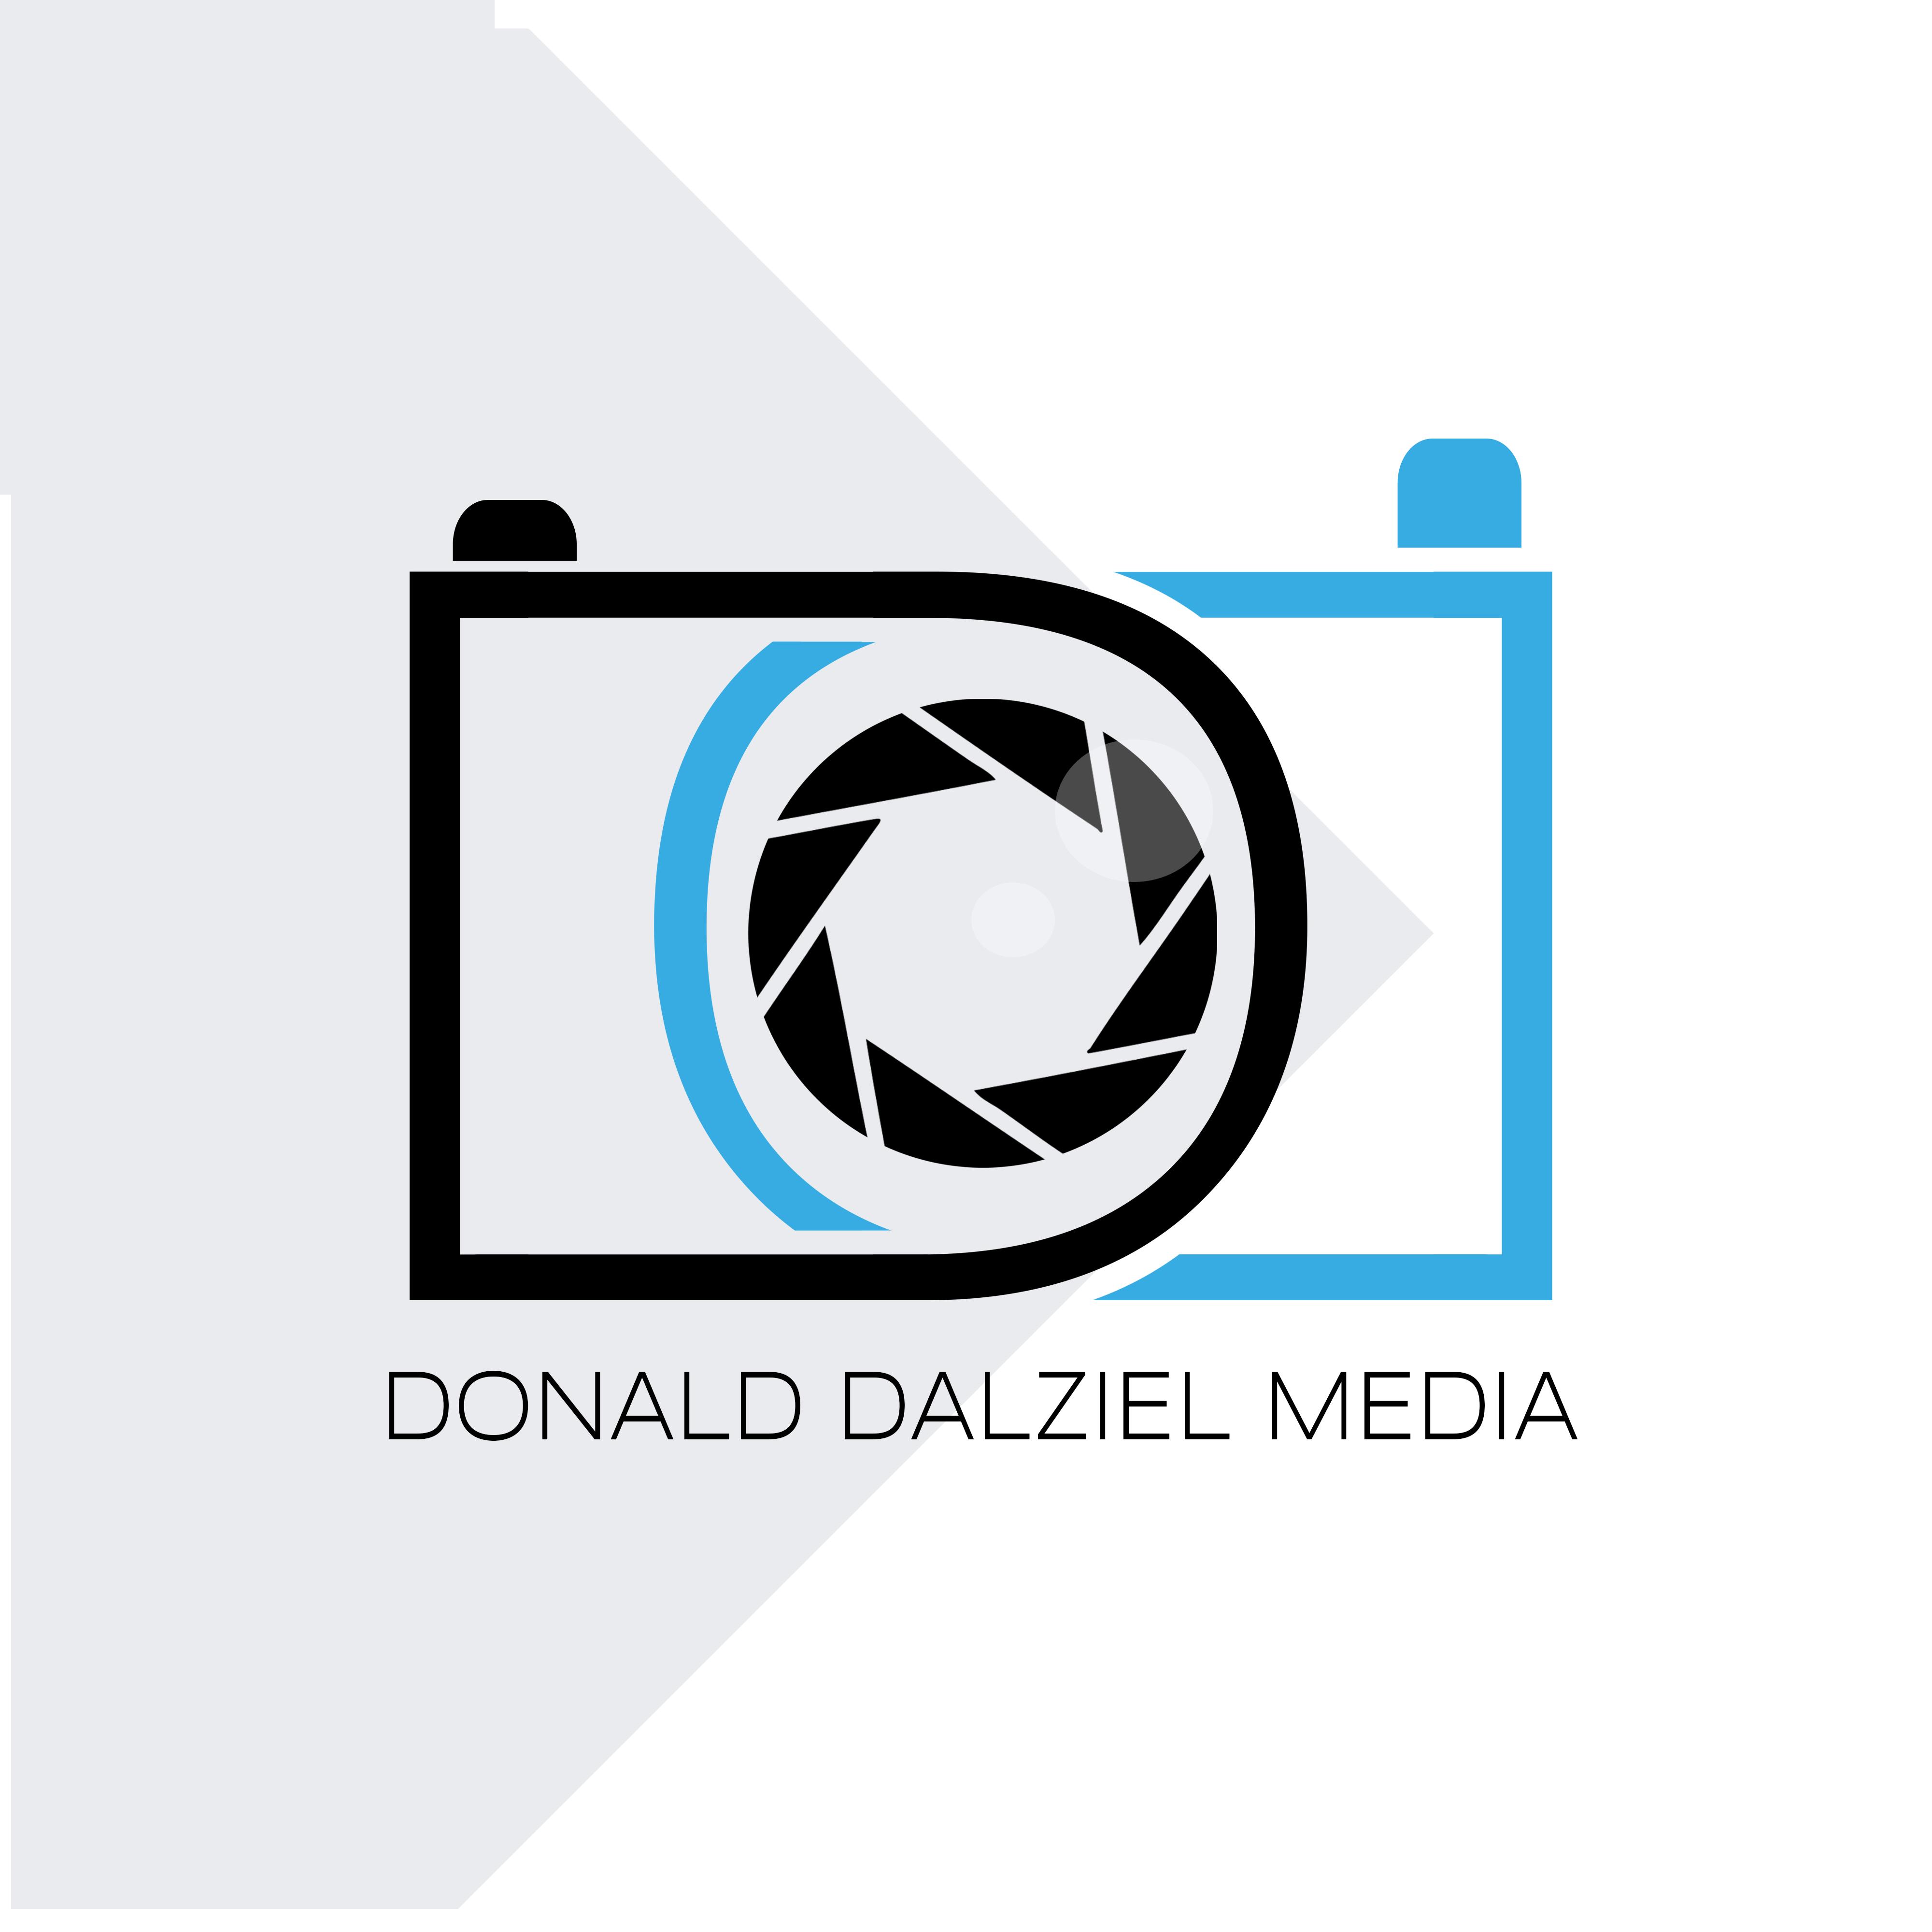 Donald Dalziel Media